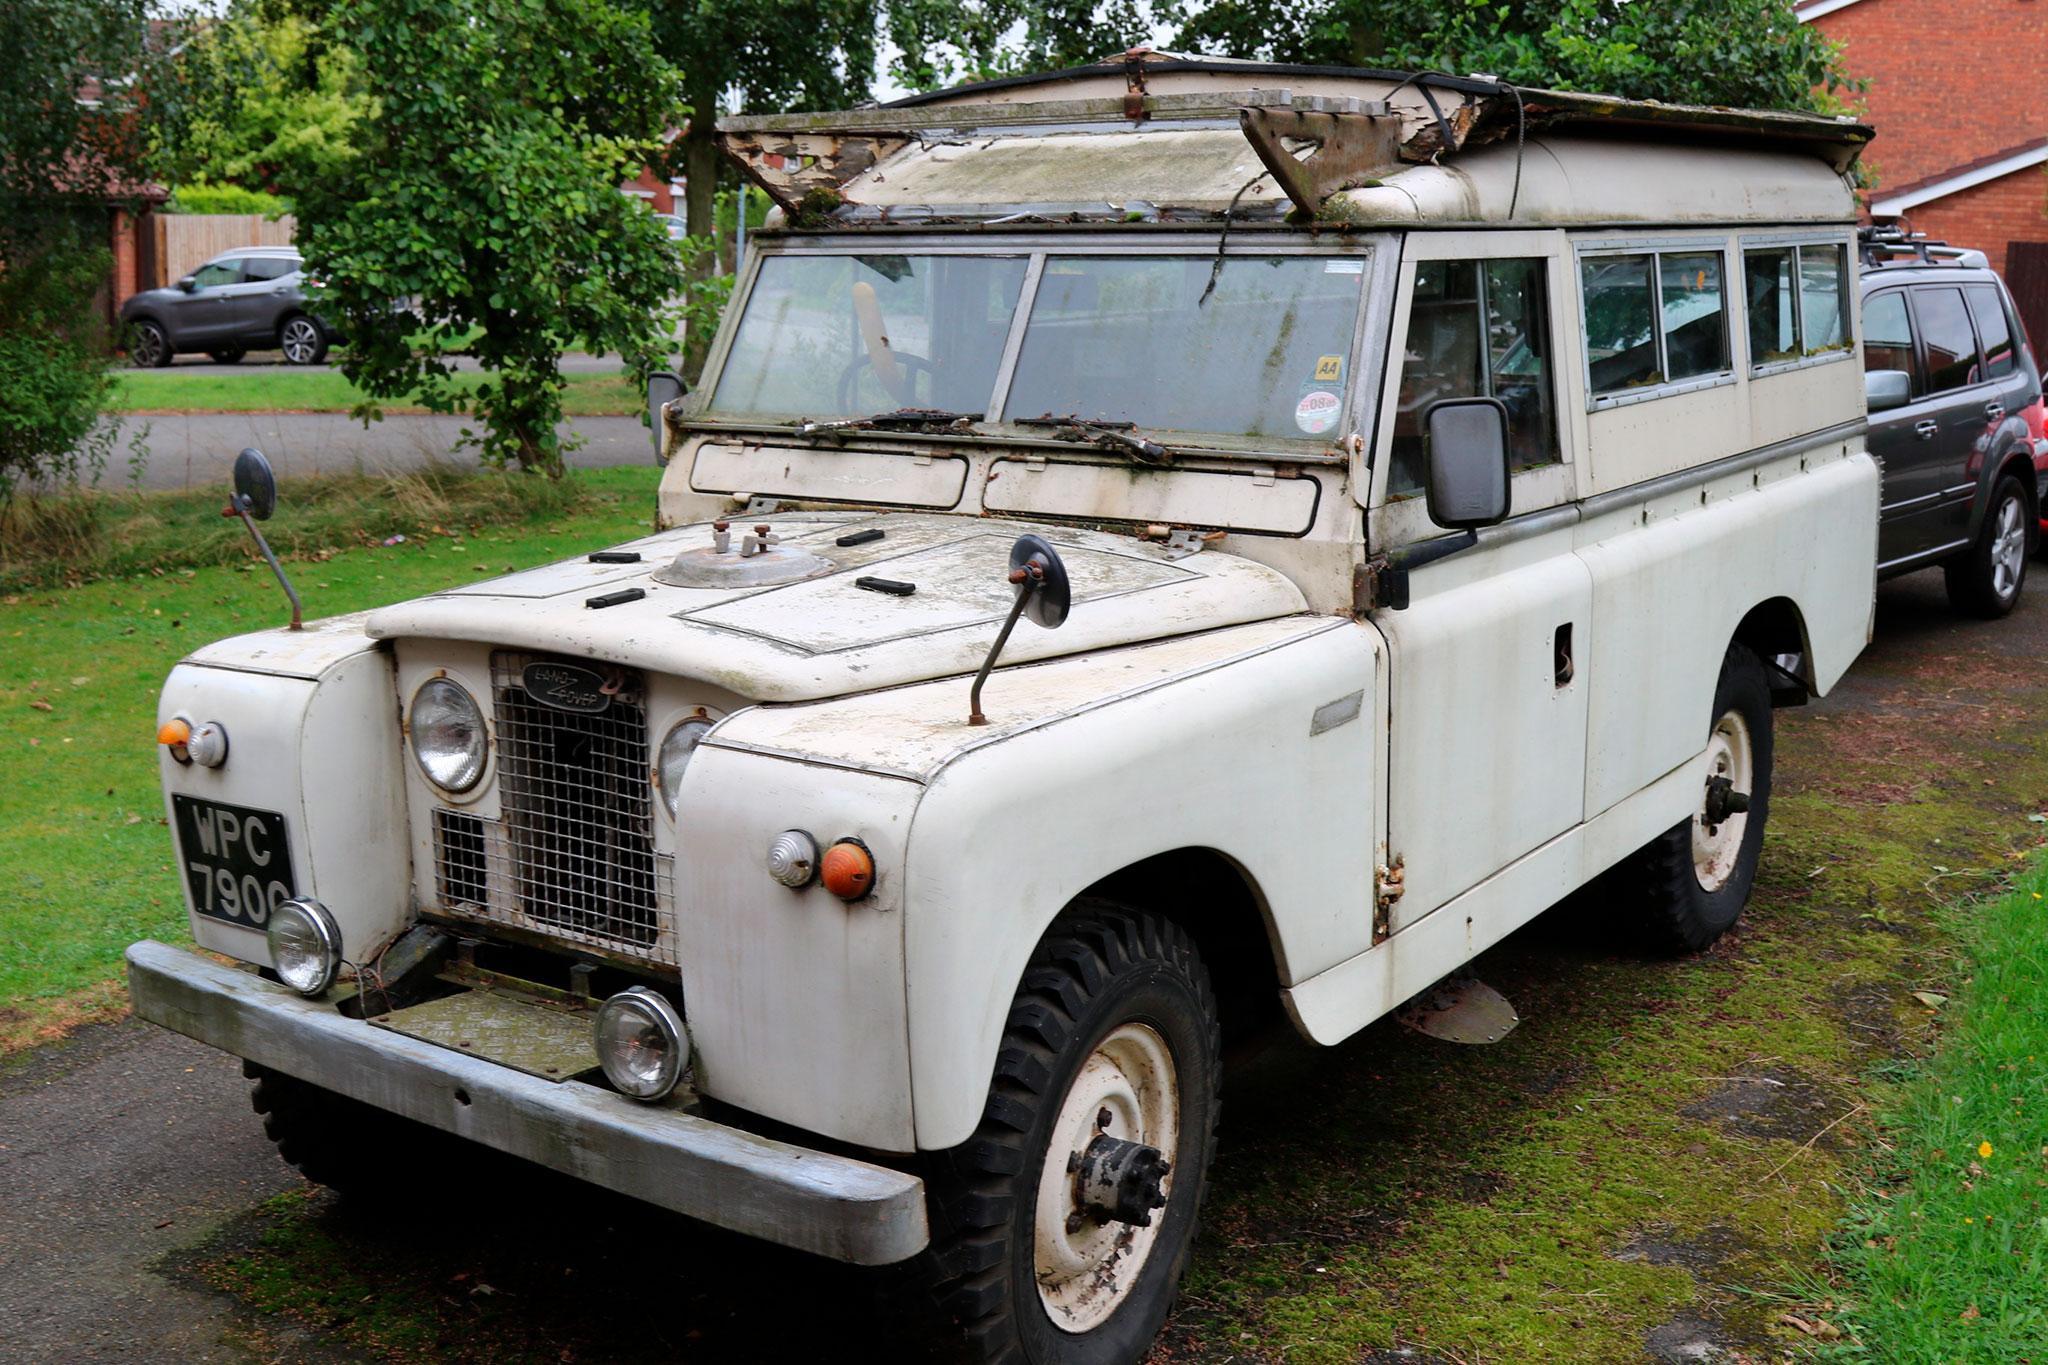 1968 Land Rover Series II première vente de septembre 2016 pour £3300 - The Market by Bonhams.